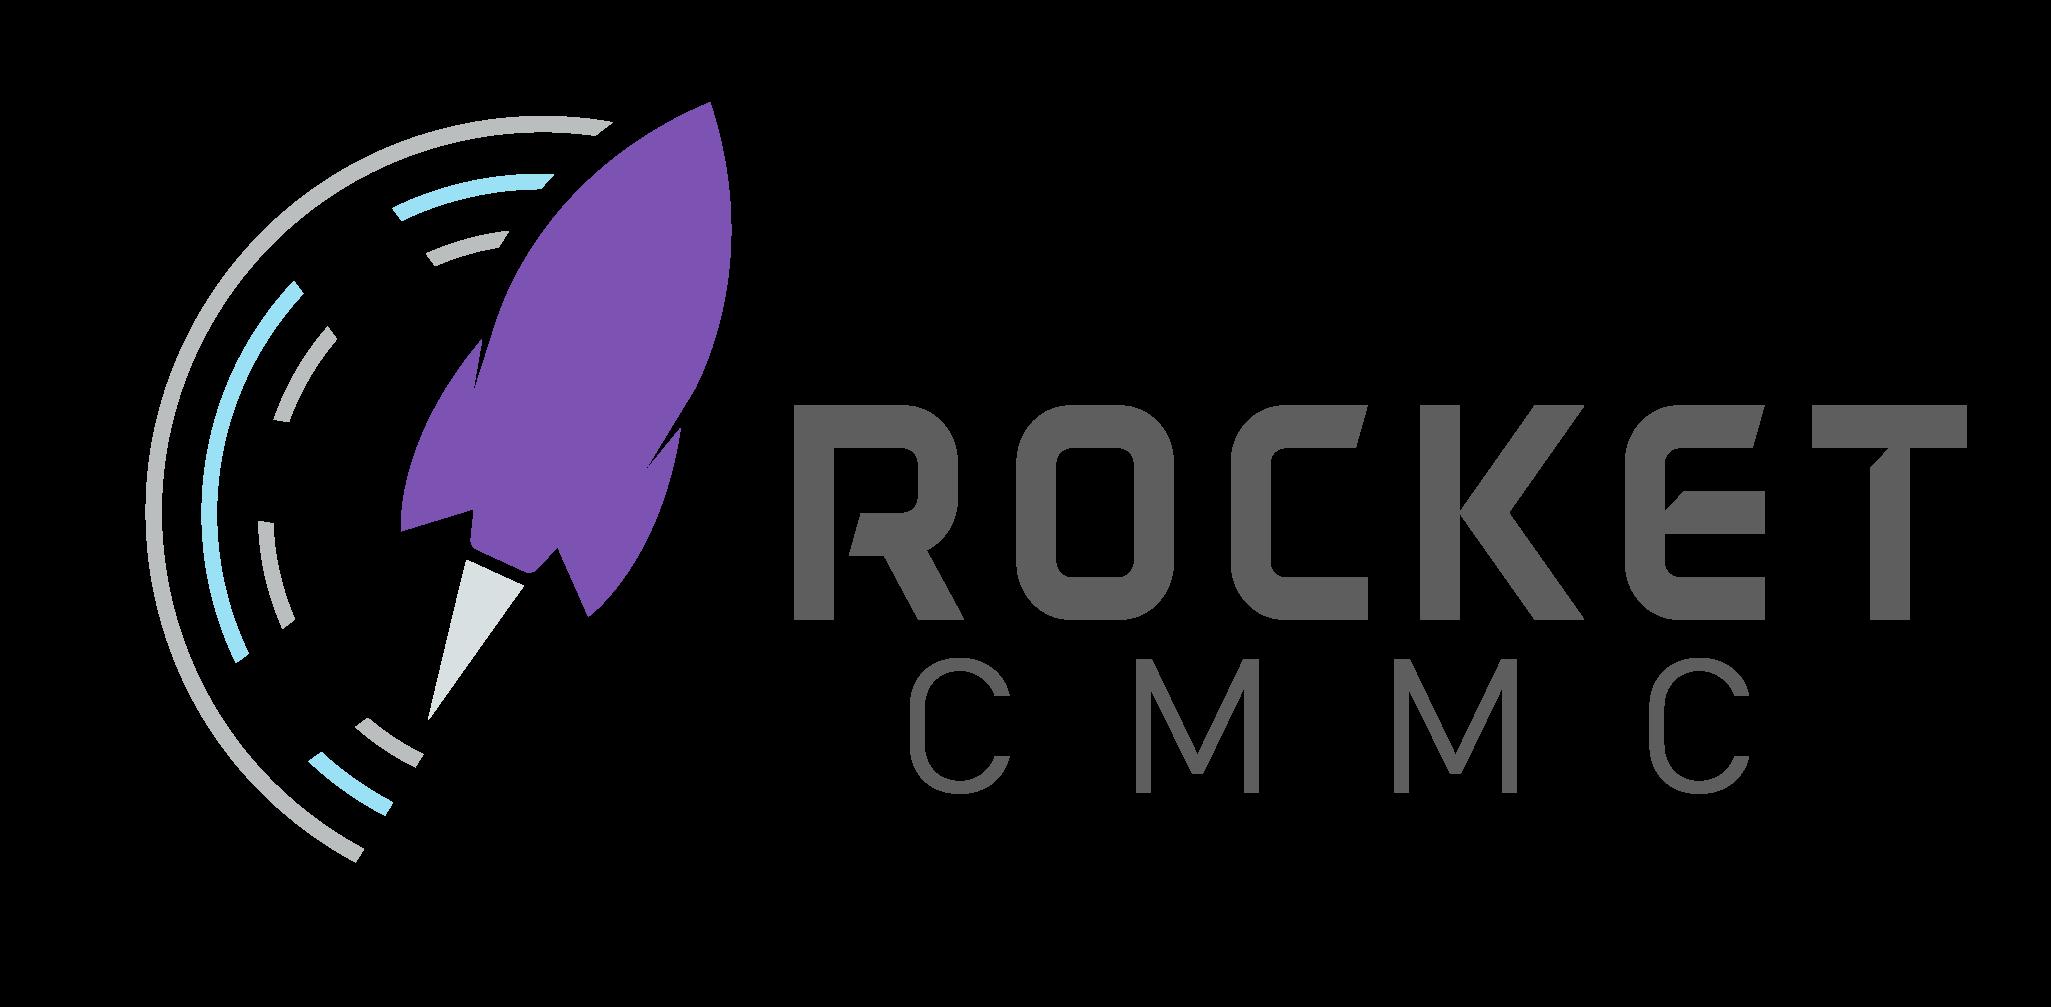 Rocket CMMC